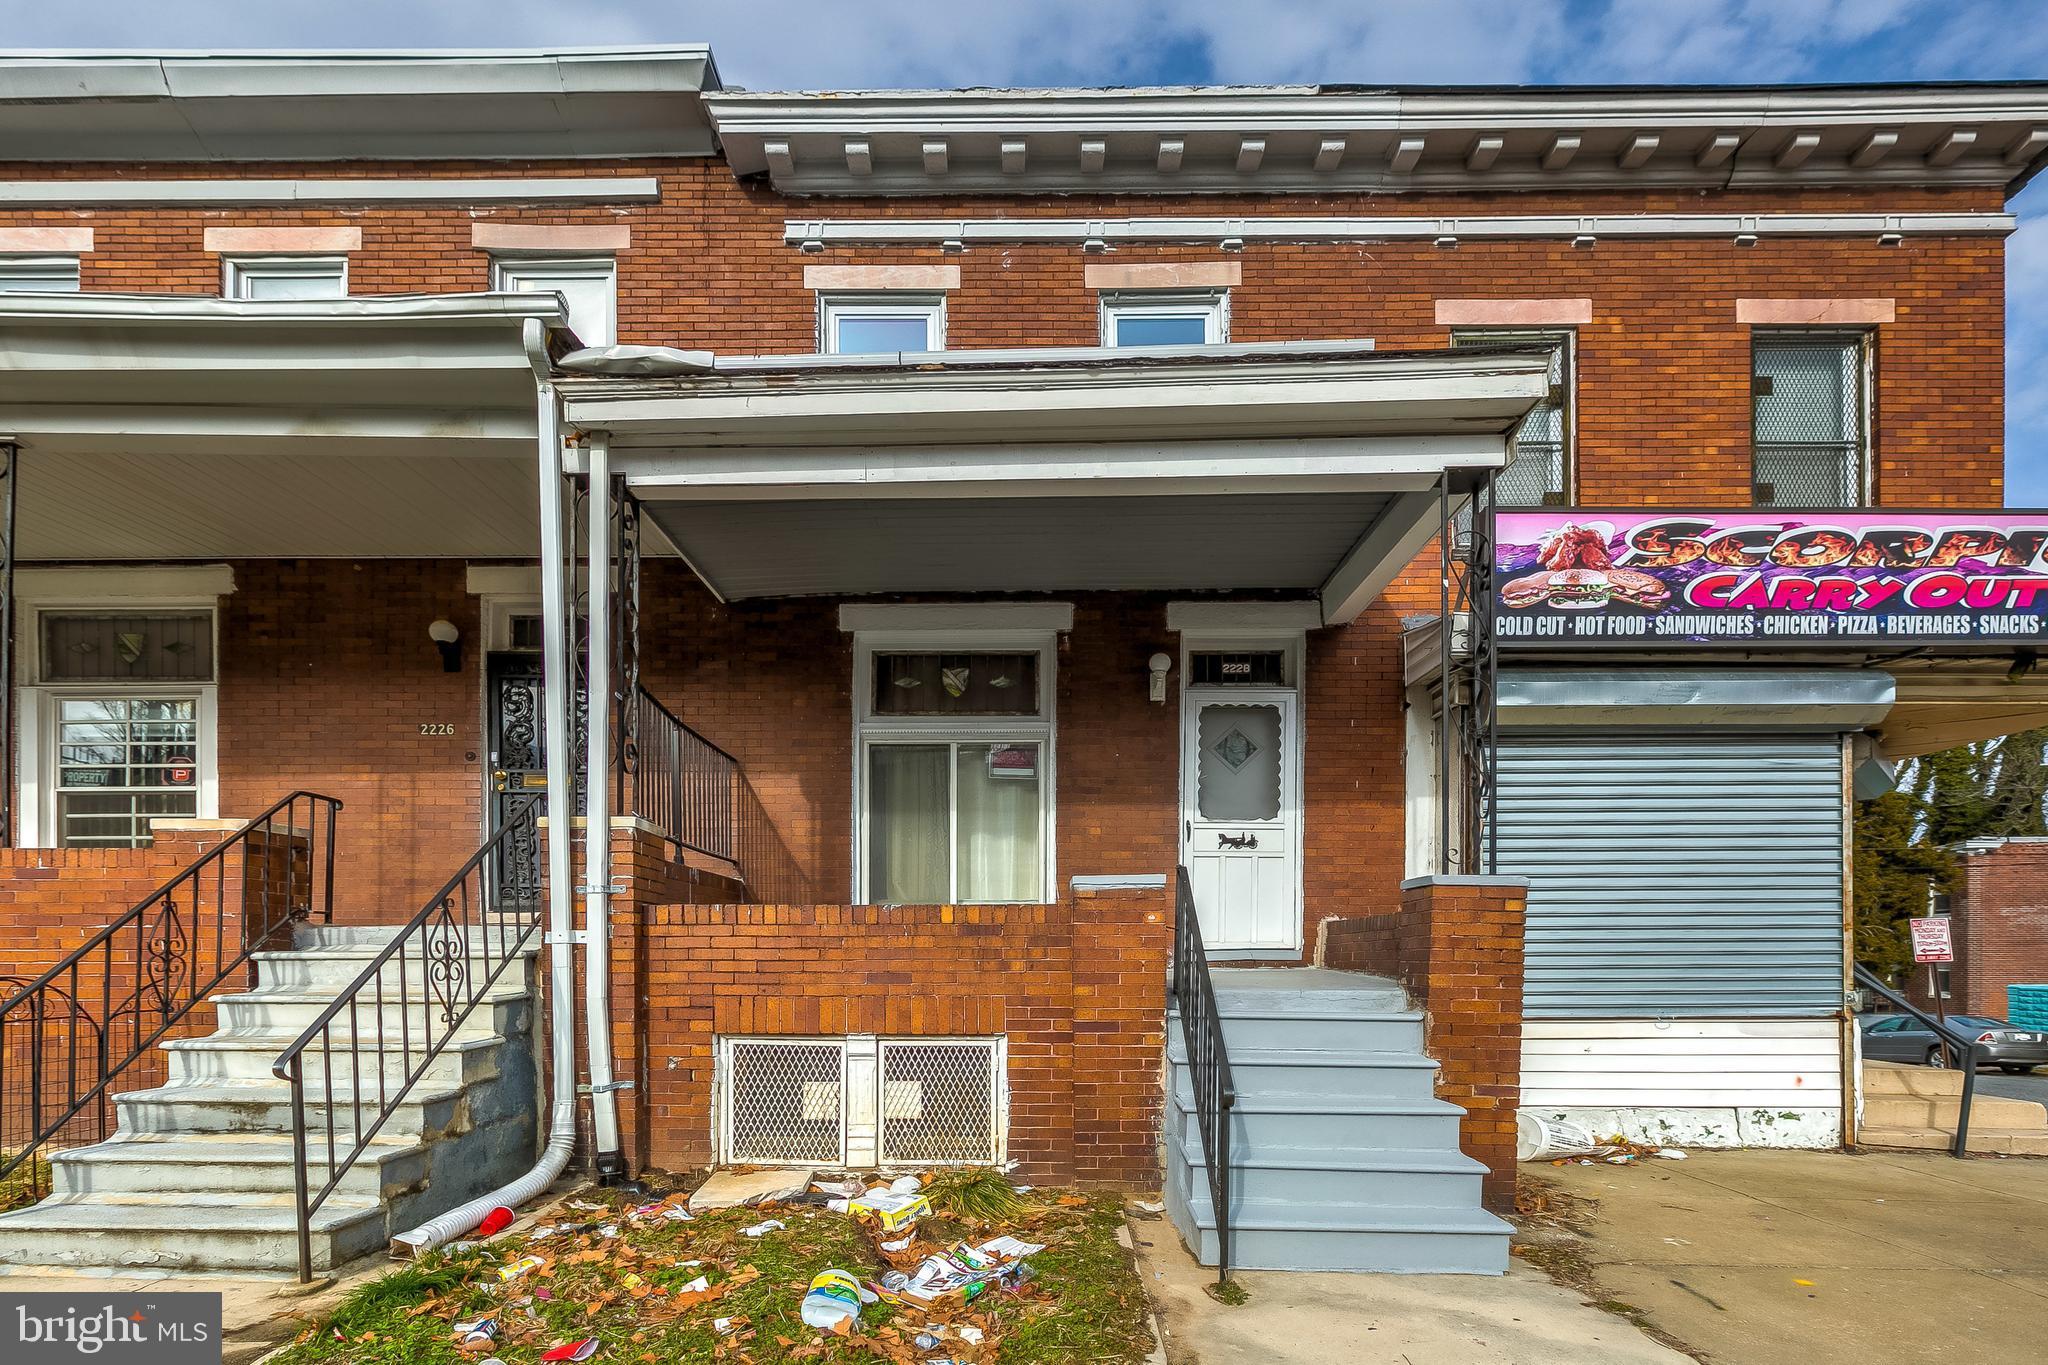 2228 AIKEN STREET, BALTIMORE, Maryland 21218, 3 Bedrooms Bedrooms, ,1 BathroomBathrooms,Townhouse,For Sale,2228 AIKEN STREET,MDBA538226